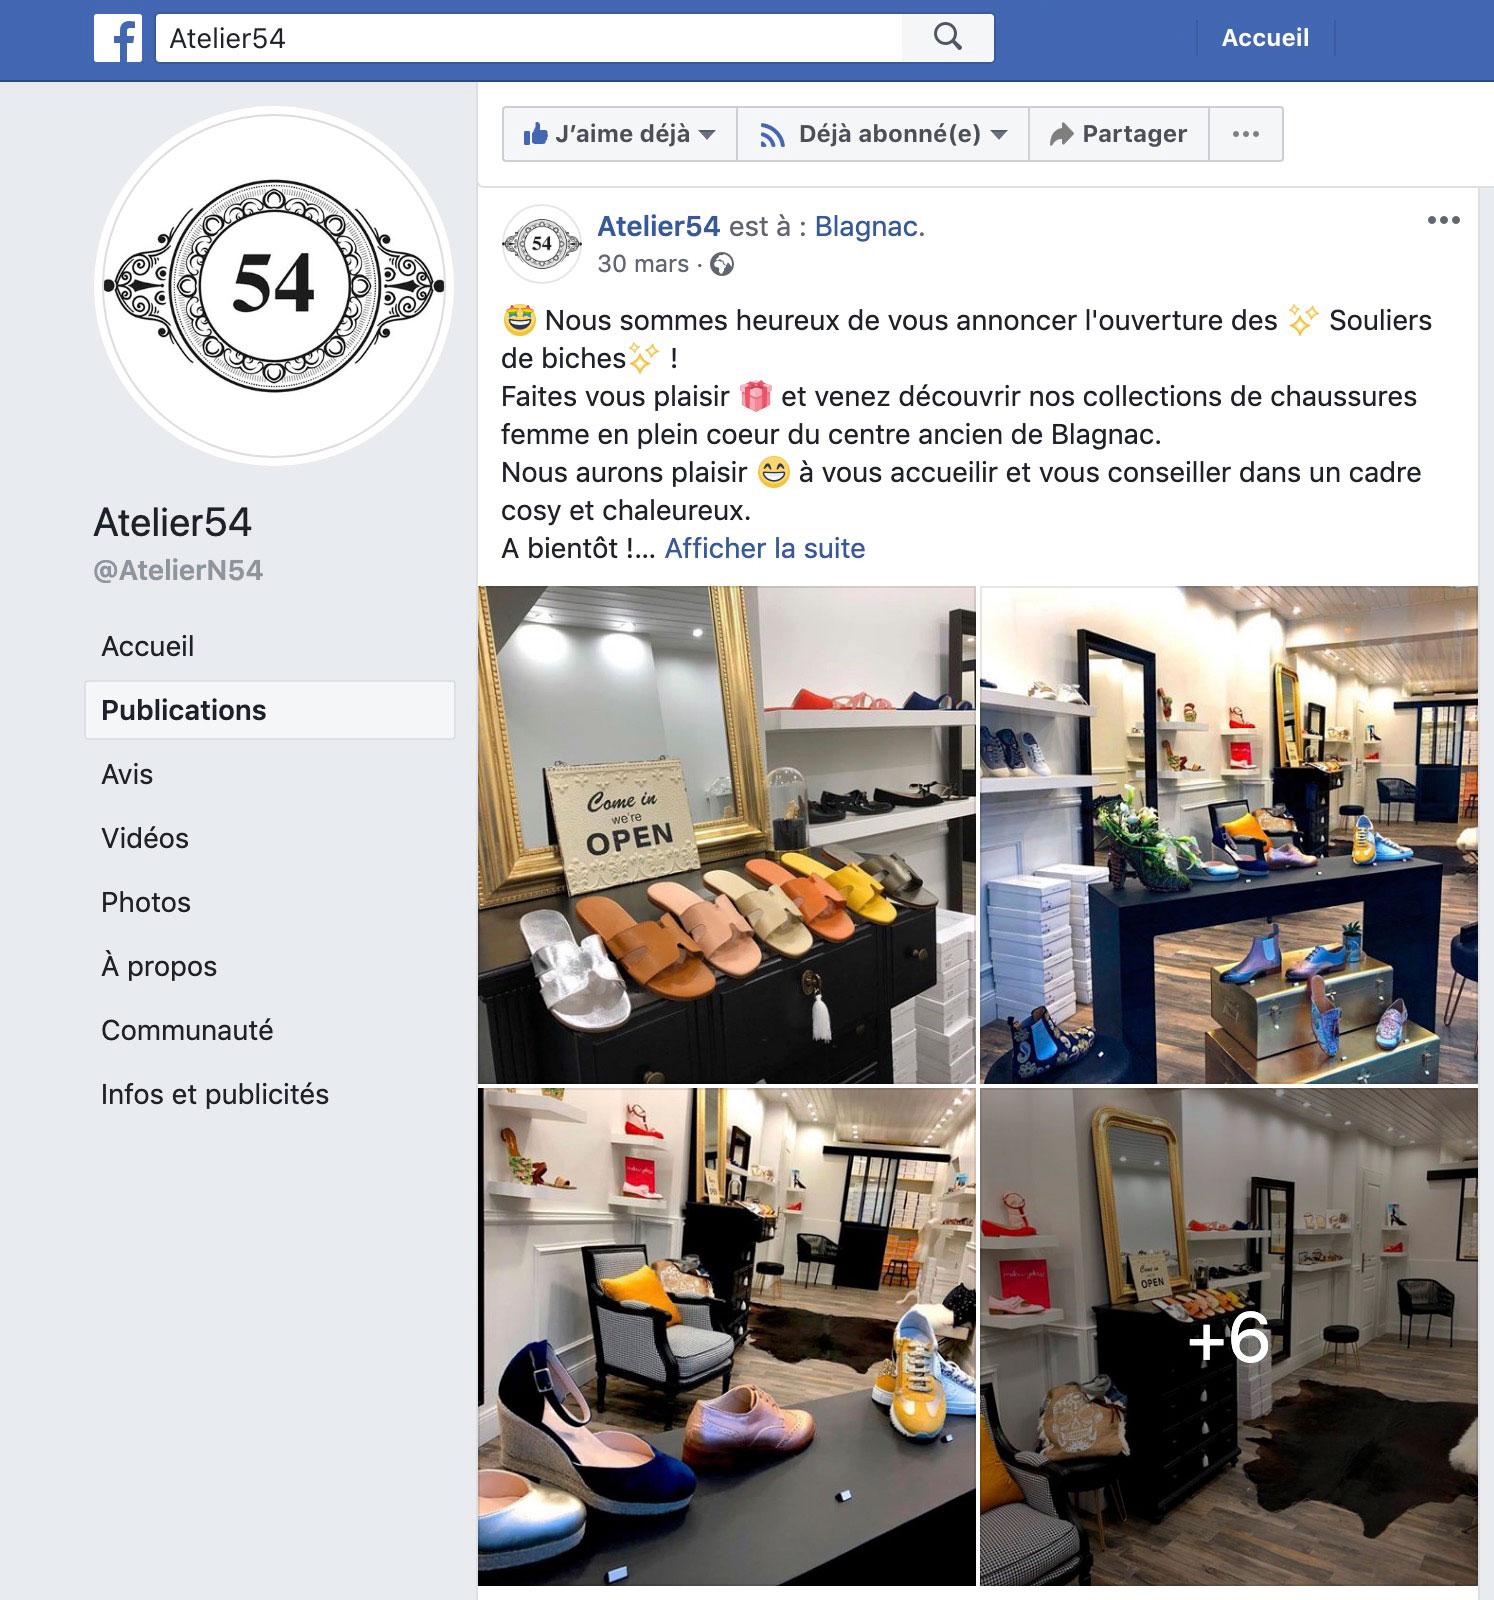 Création et publications des réseaux sociaux Facebook & Instagram à Blagnac, Toulouse, Haute-Garonne, Occitanie.